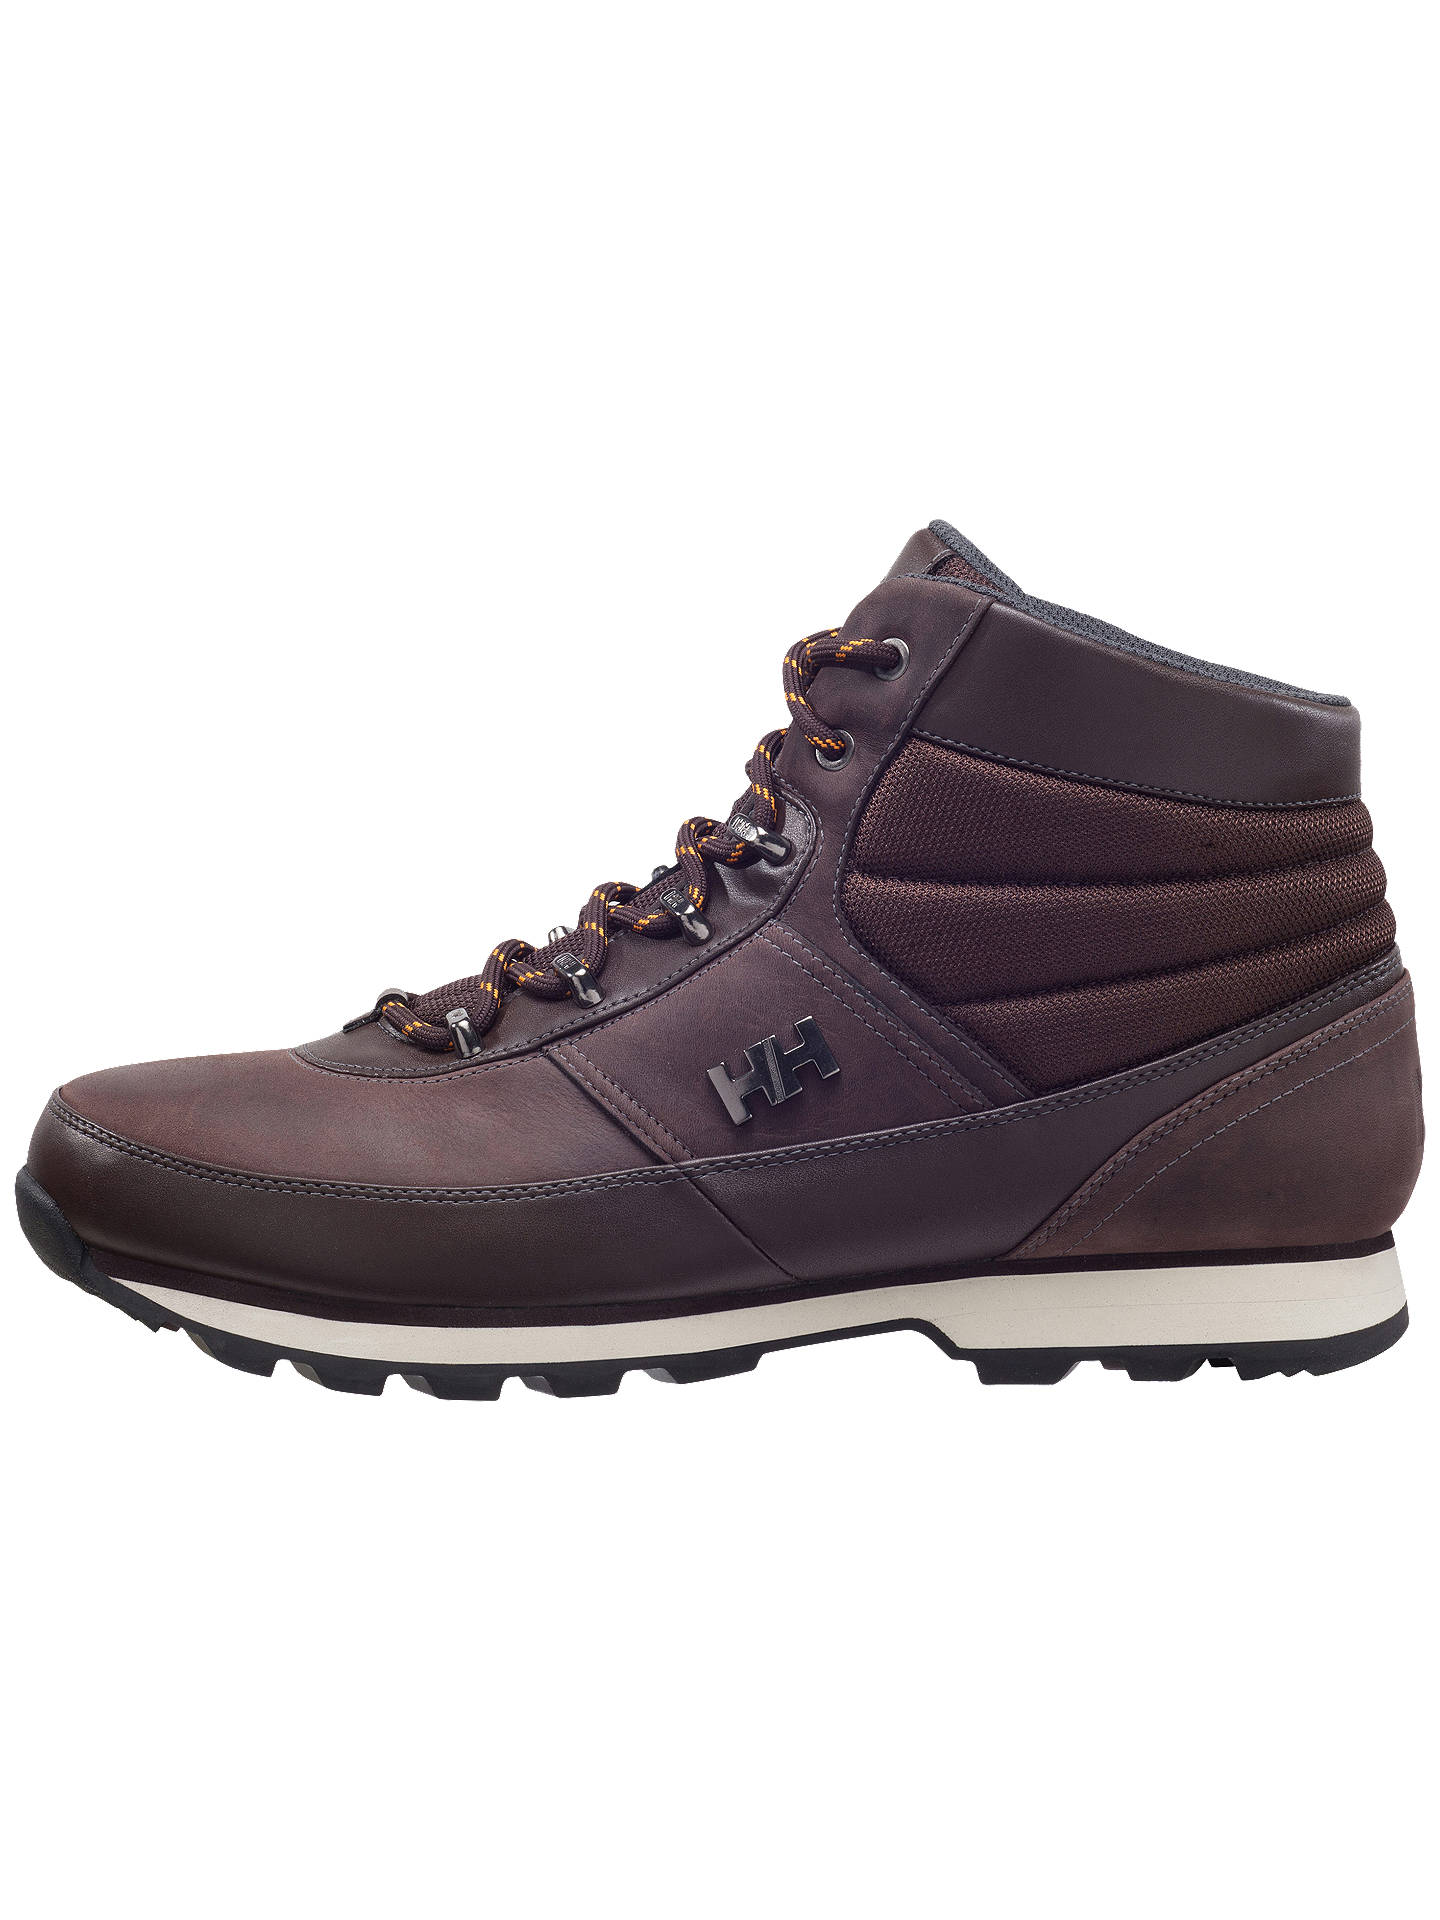 9baaa406de6 Helly Hansen Woodlands Waterproof Leather Men's Boots, Brown at John ...